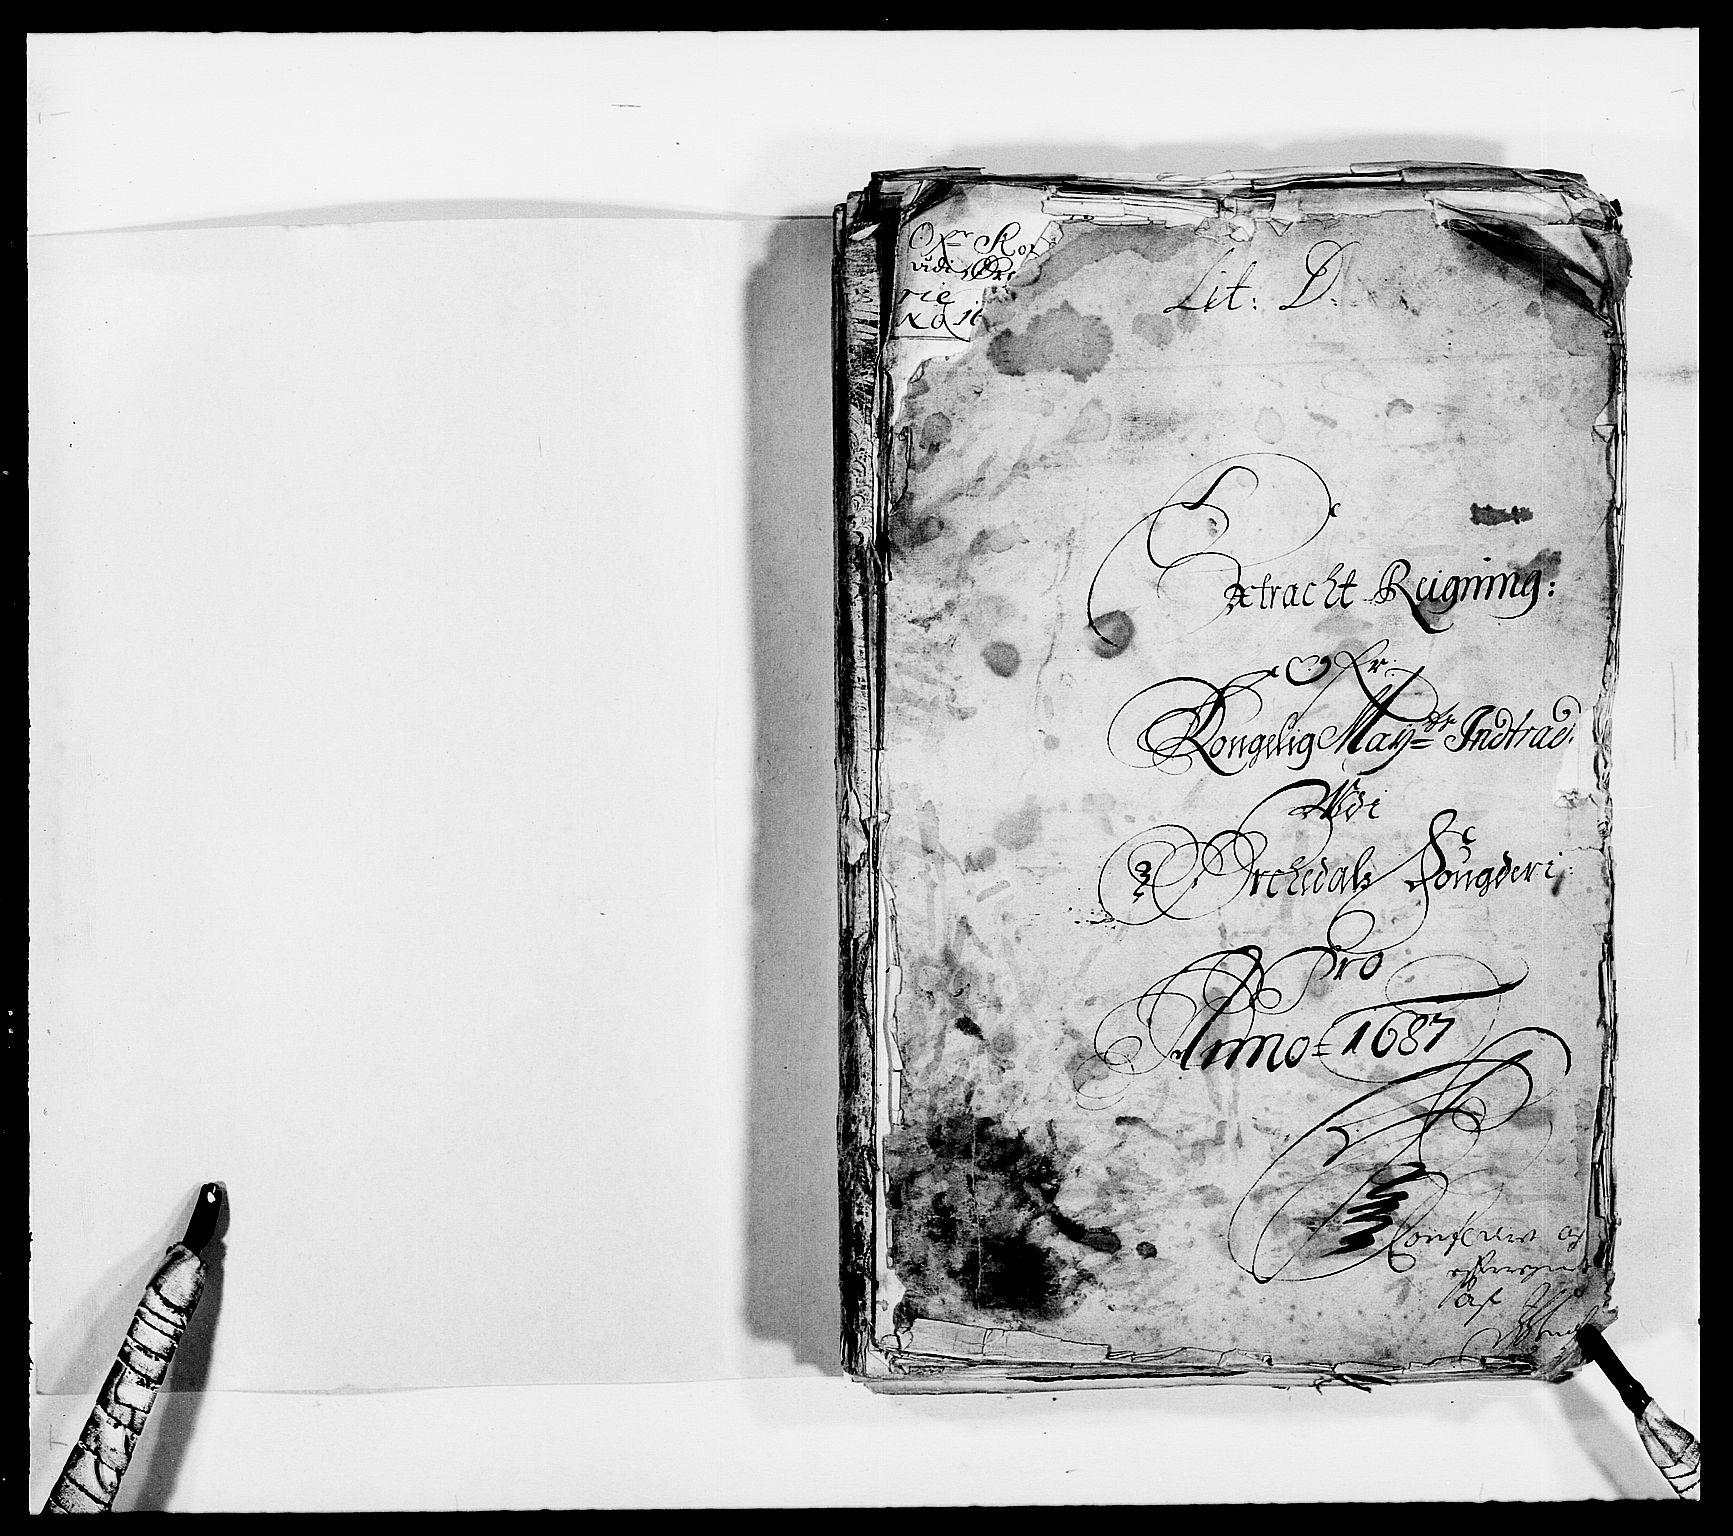 RA, Rentekammeret inntil 1814, Reviderte regnskaper, Fogderegnskap, R58/L3935: Fogderegnskap Orkdal, 1687-1688, s. 2